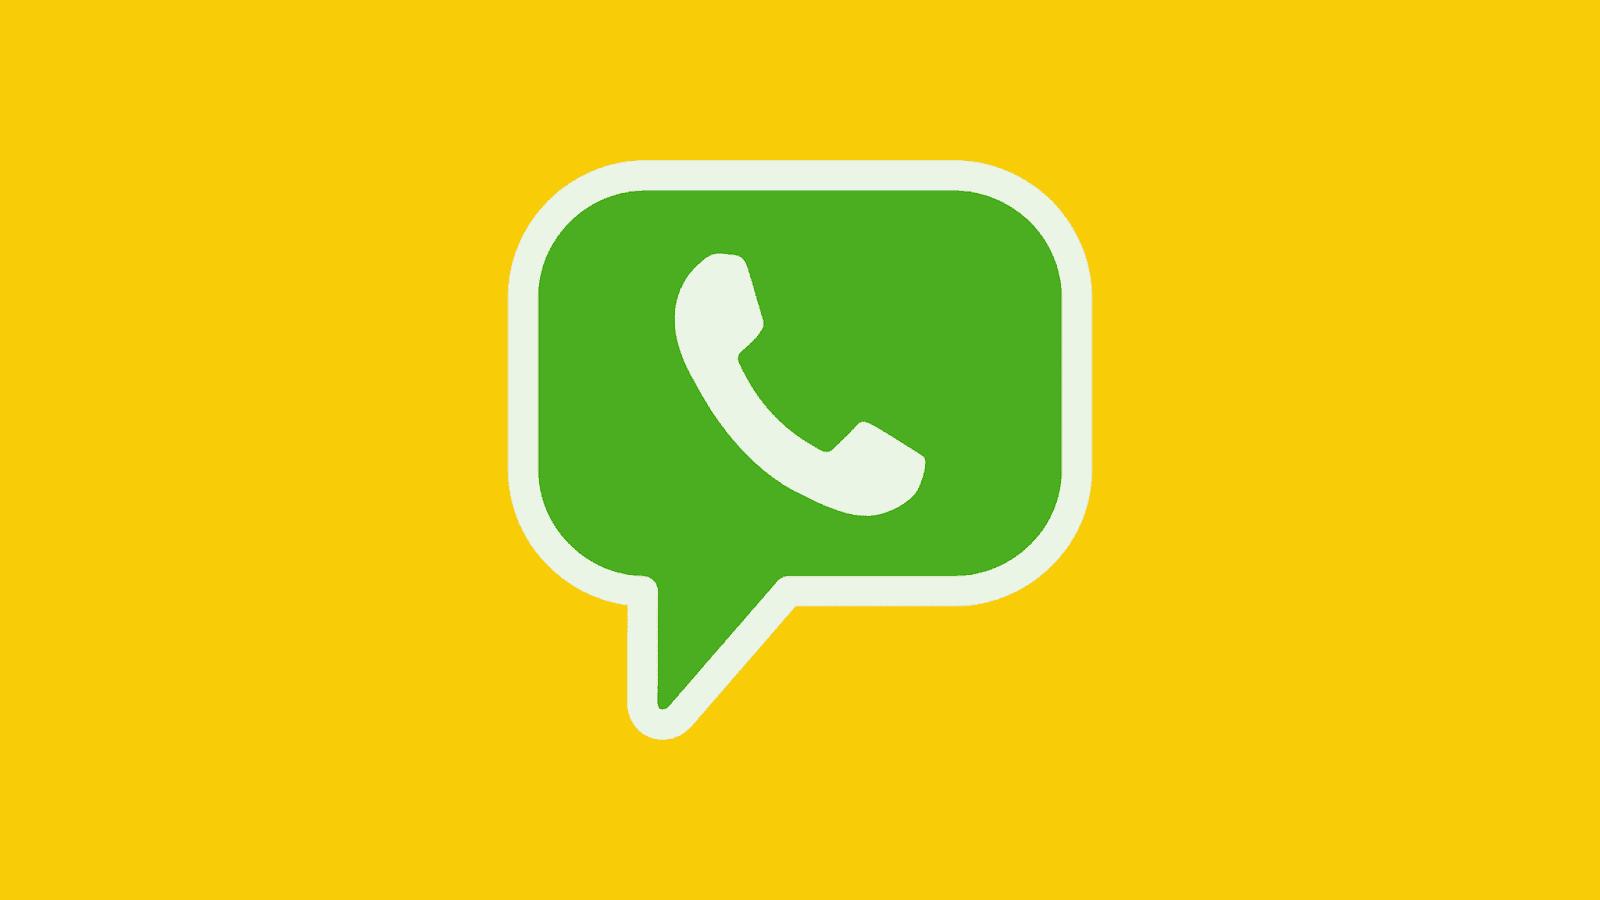 تحديثات WhatsApp 2020 : تحديثات منتظمة حول آخر تحديثات WhatsApp - Whatsapp